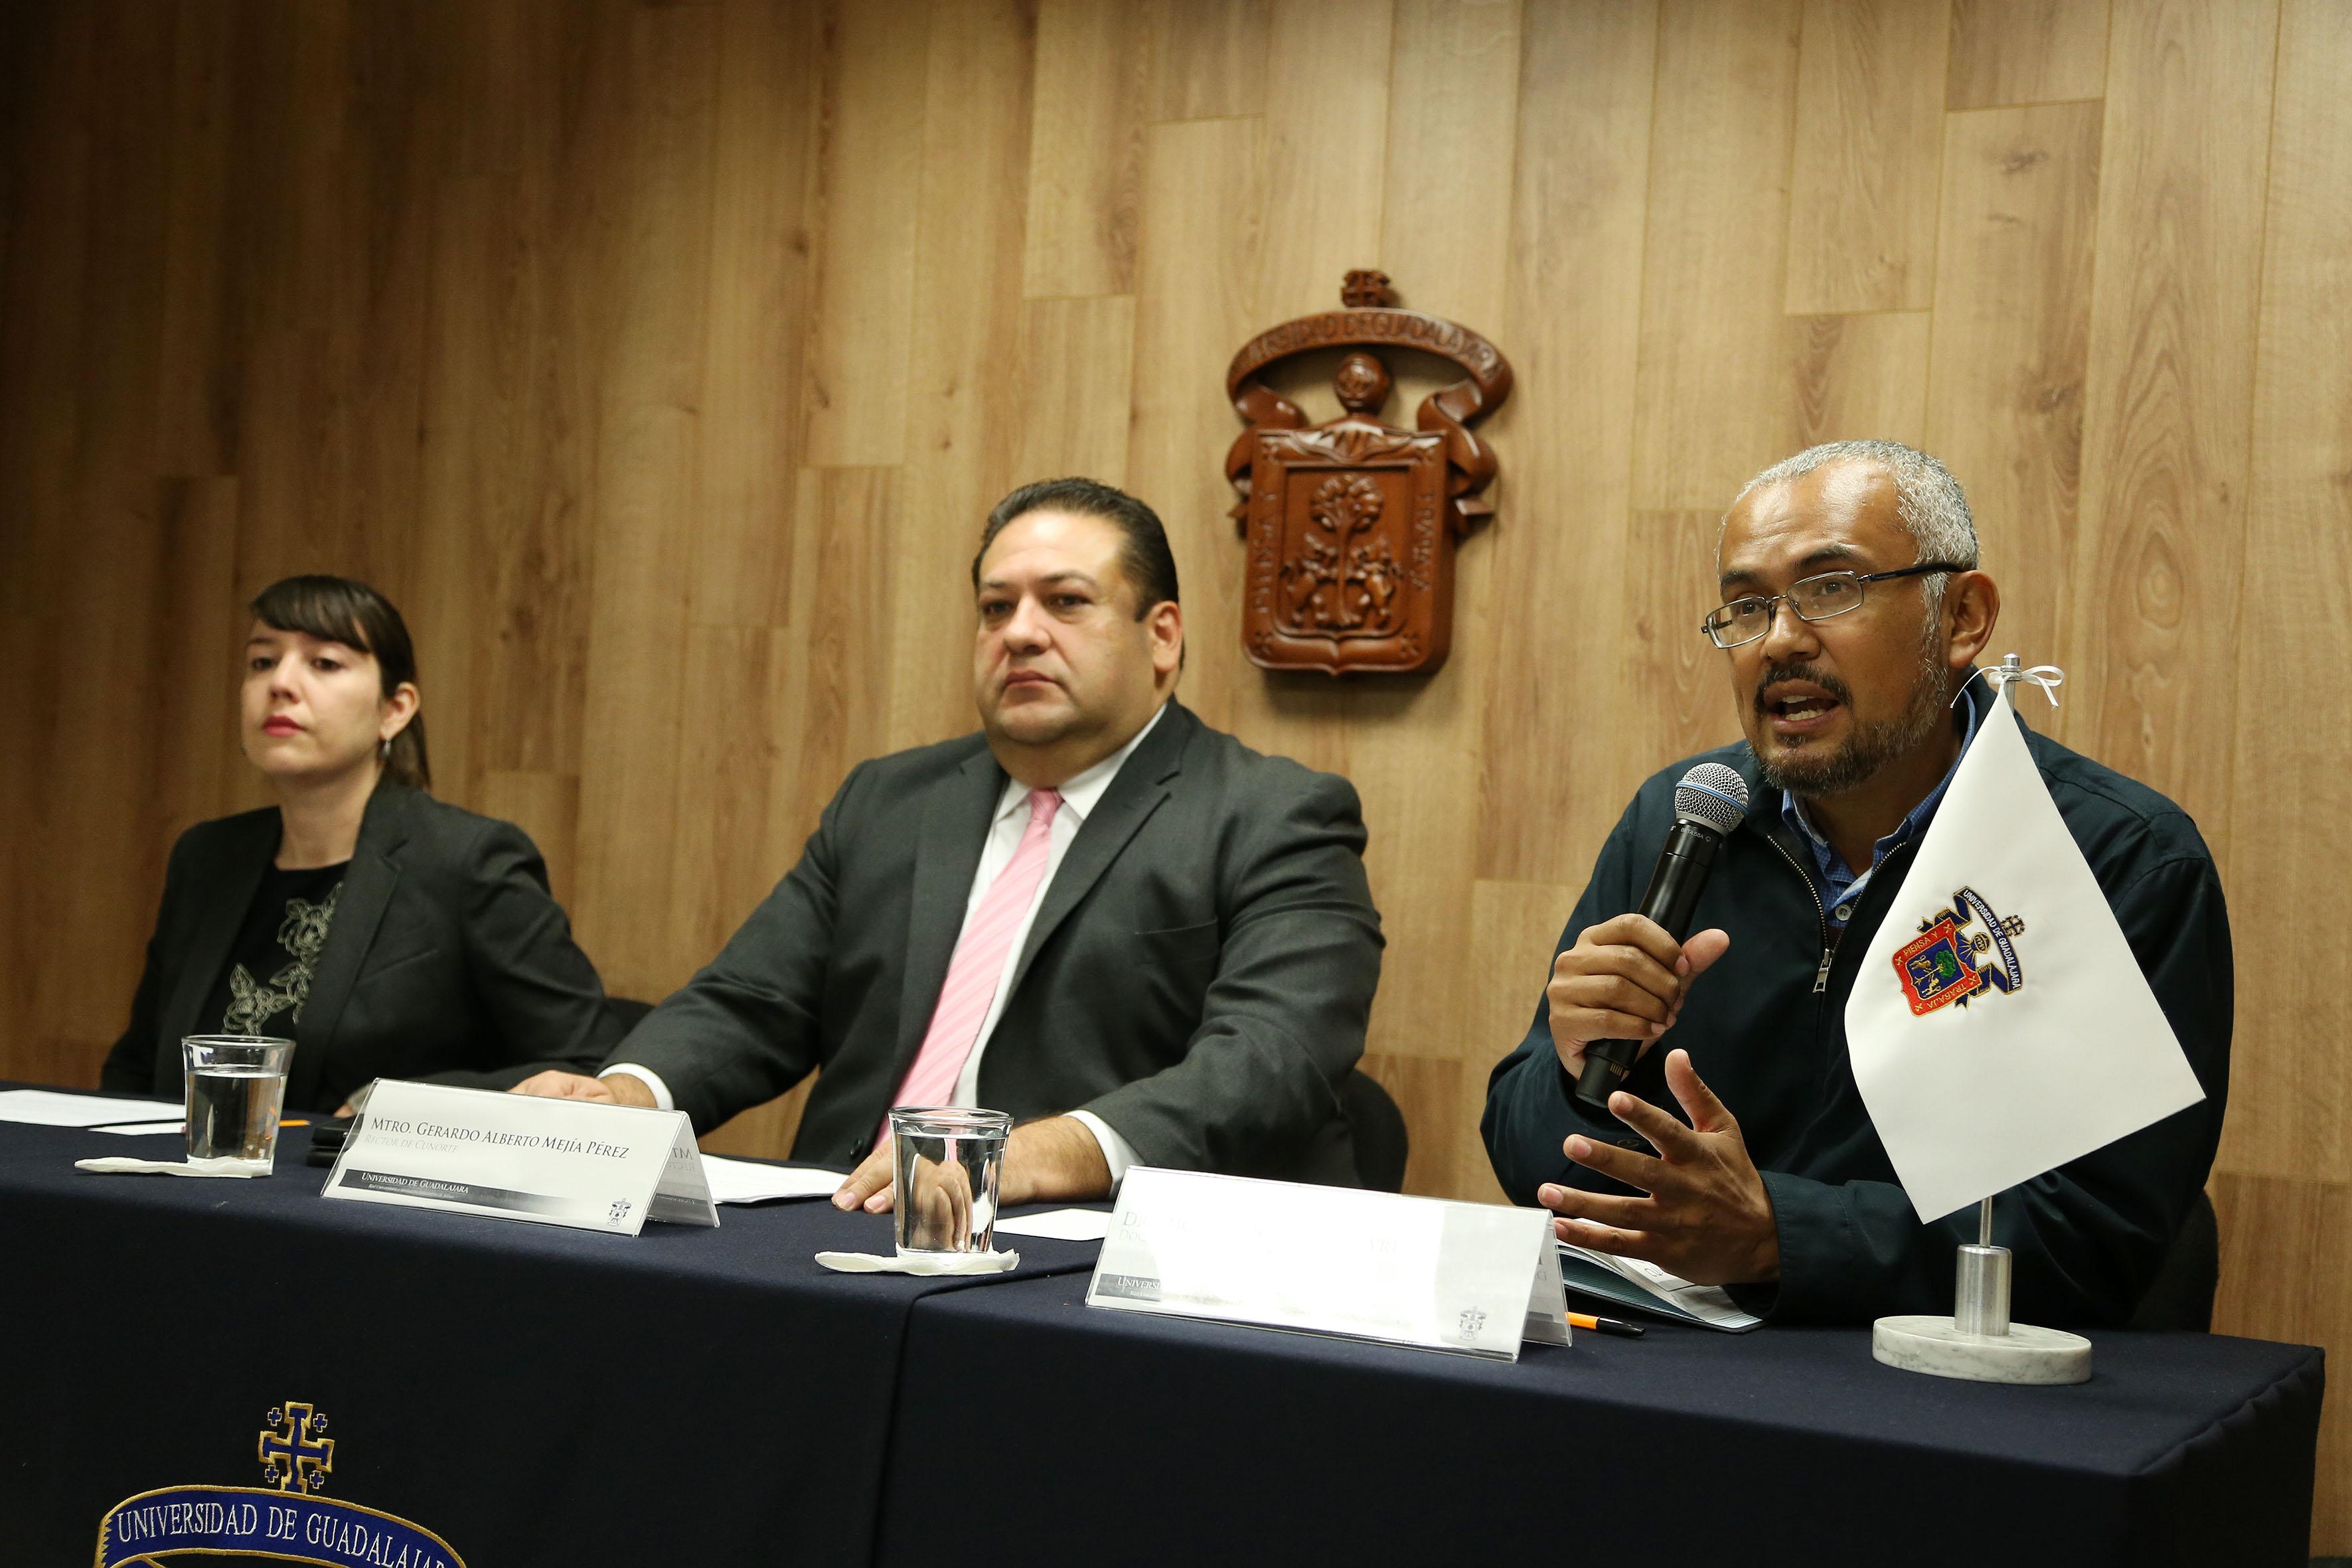 Haciendo uso de la voz el doctor en Antropología, Miguel Angel Paz Traide,